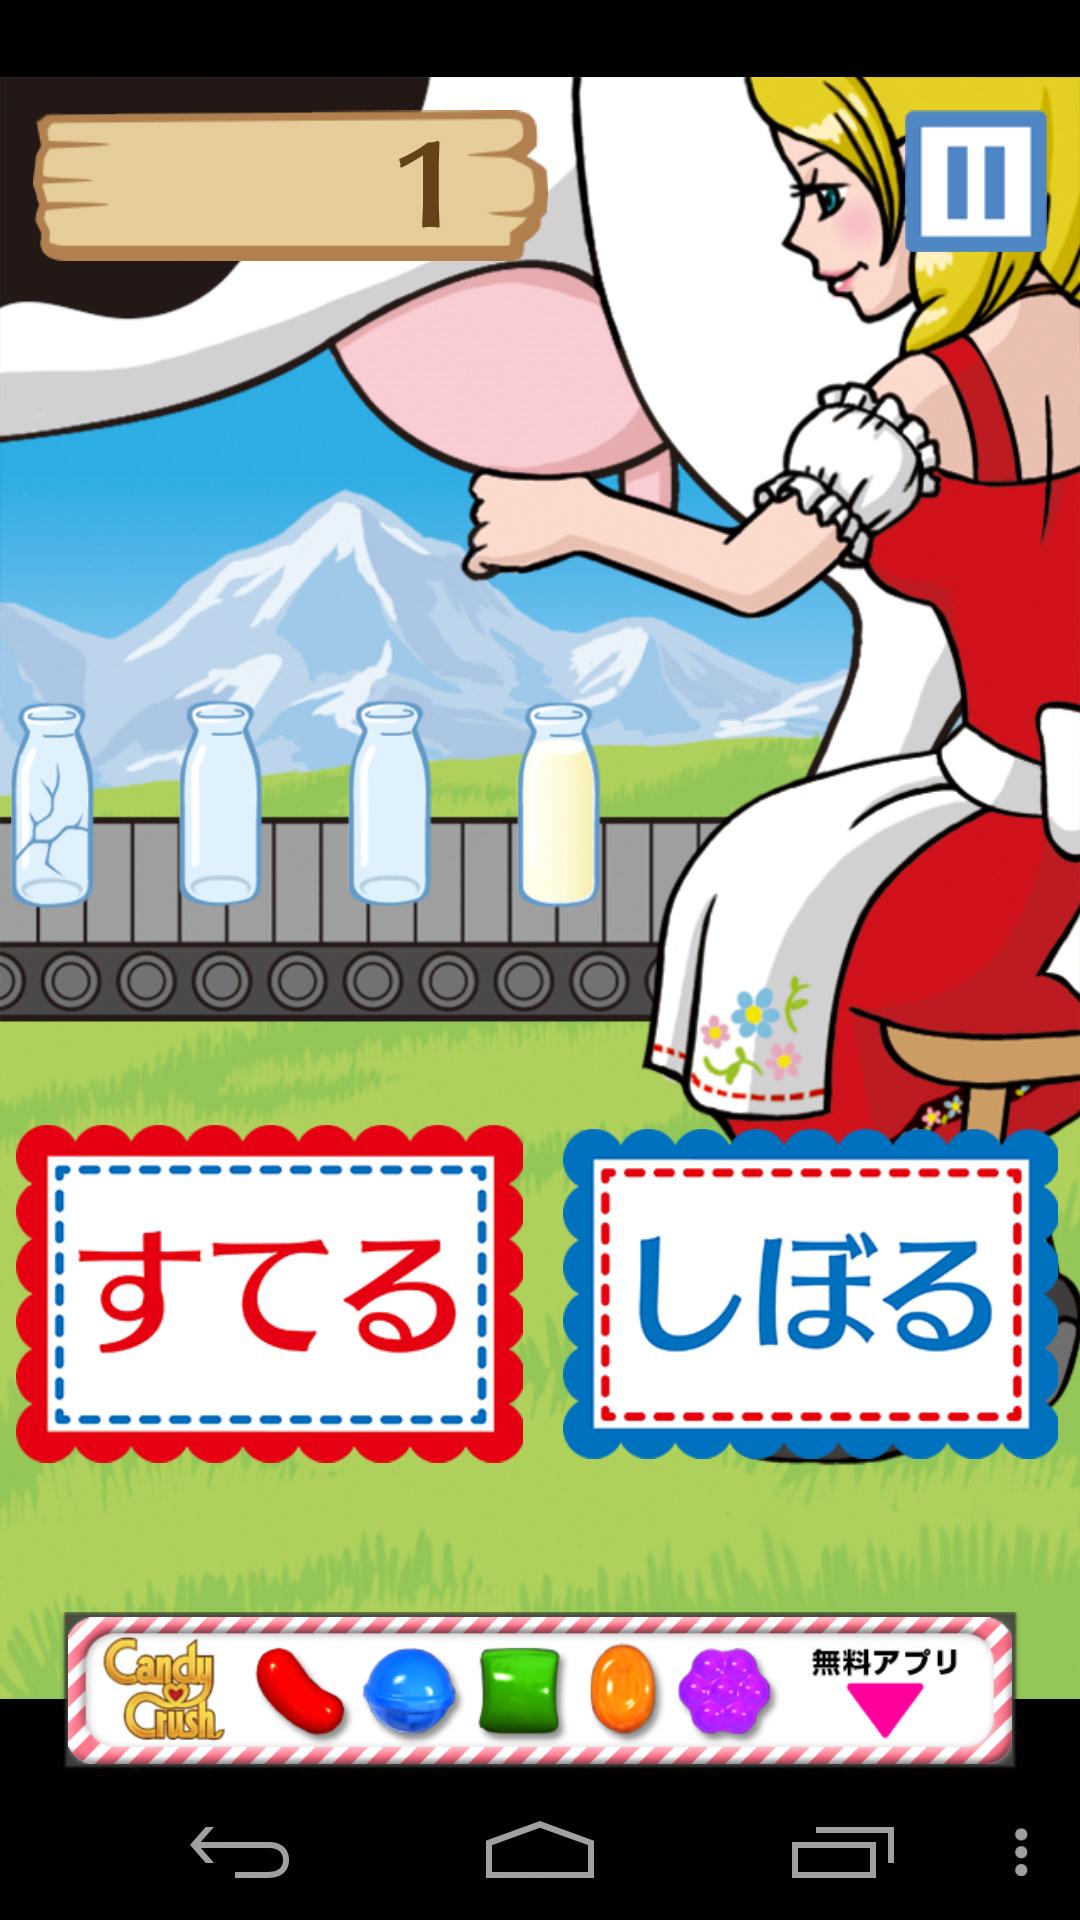 ボトルパニック androidアプリスクリーンショット1